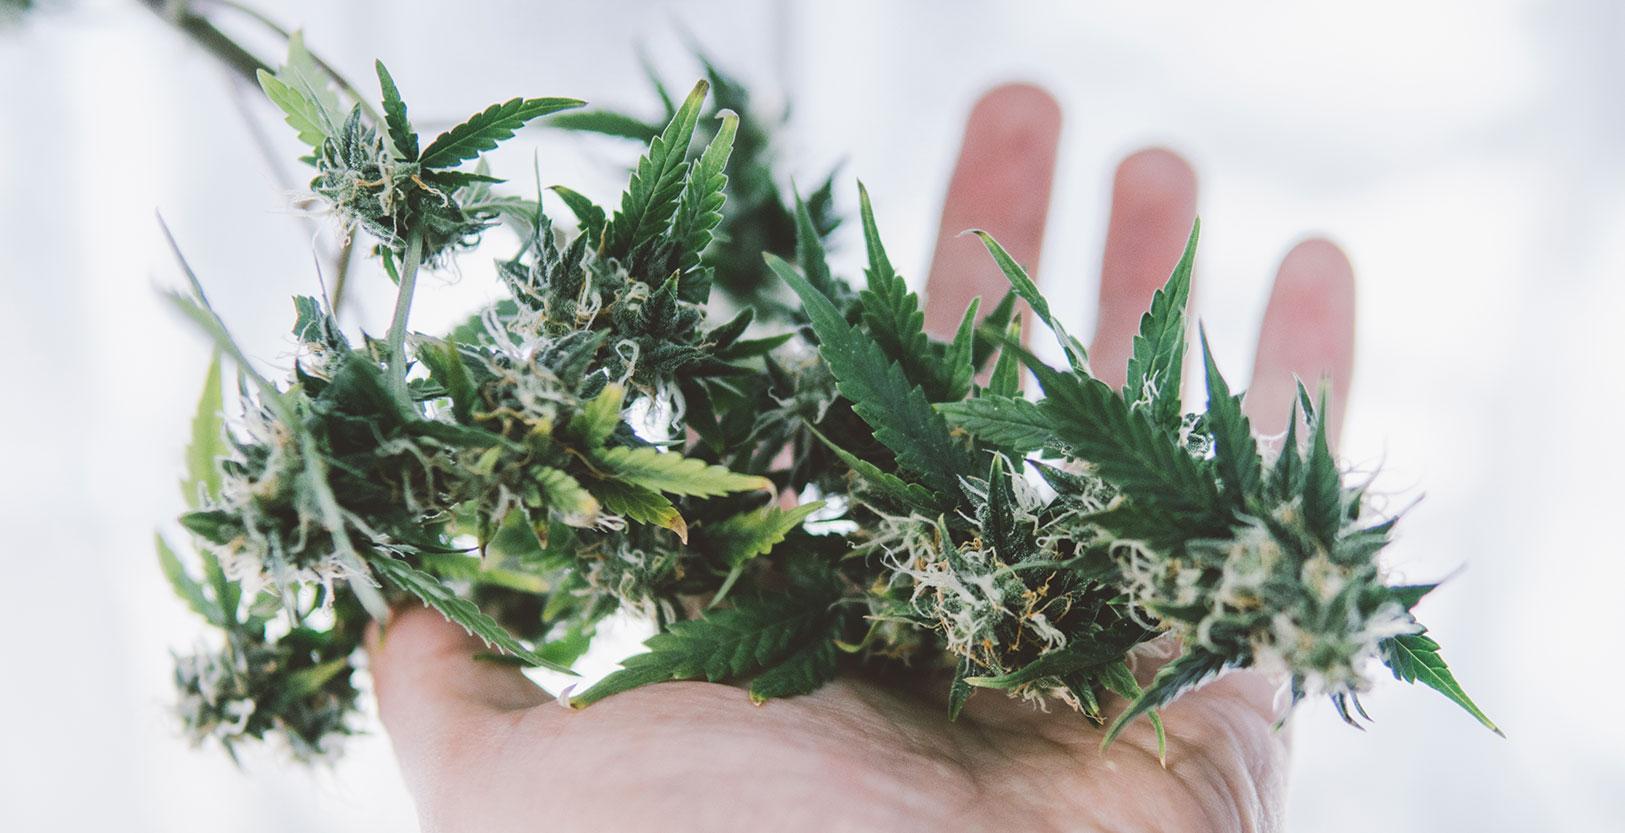 Julie Dubocq of Shango Premium Cannabis